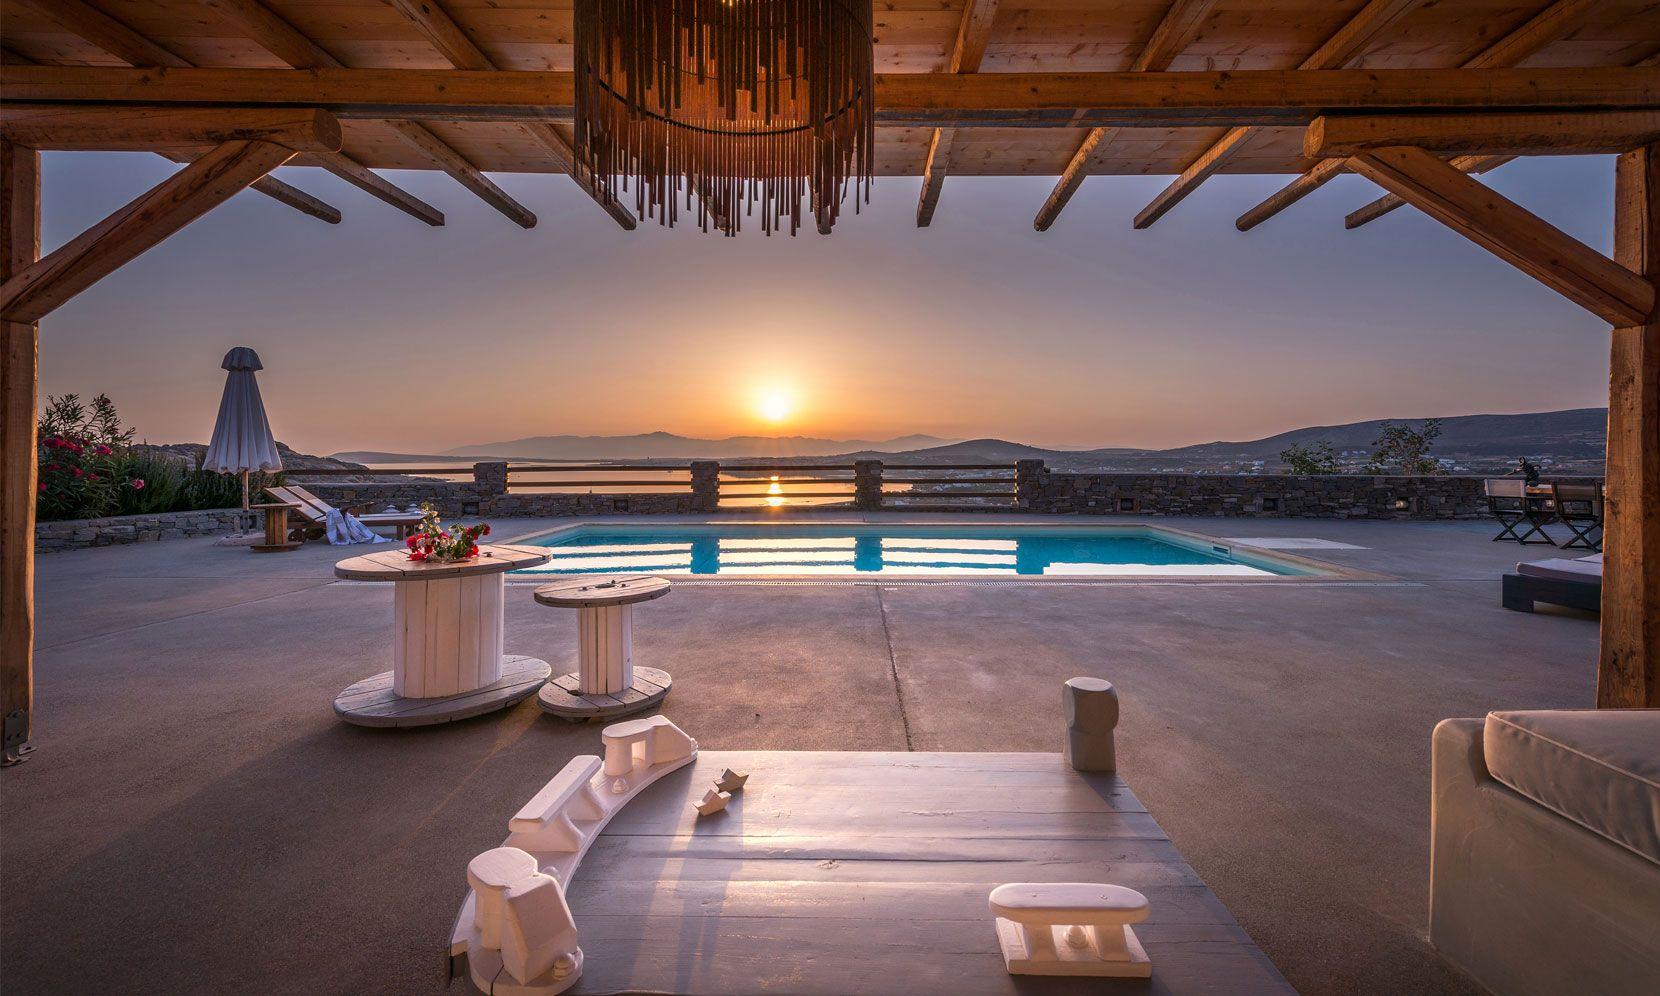 Paros Villa Agave jumbotron image